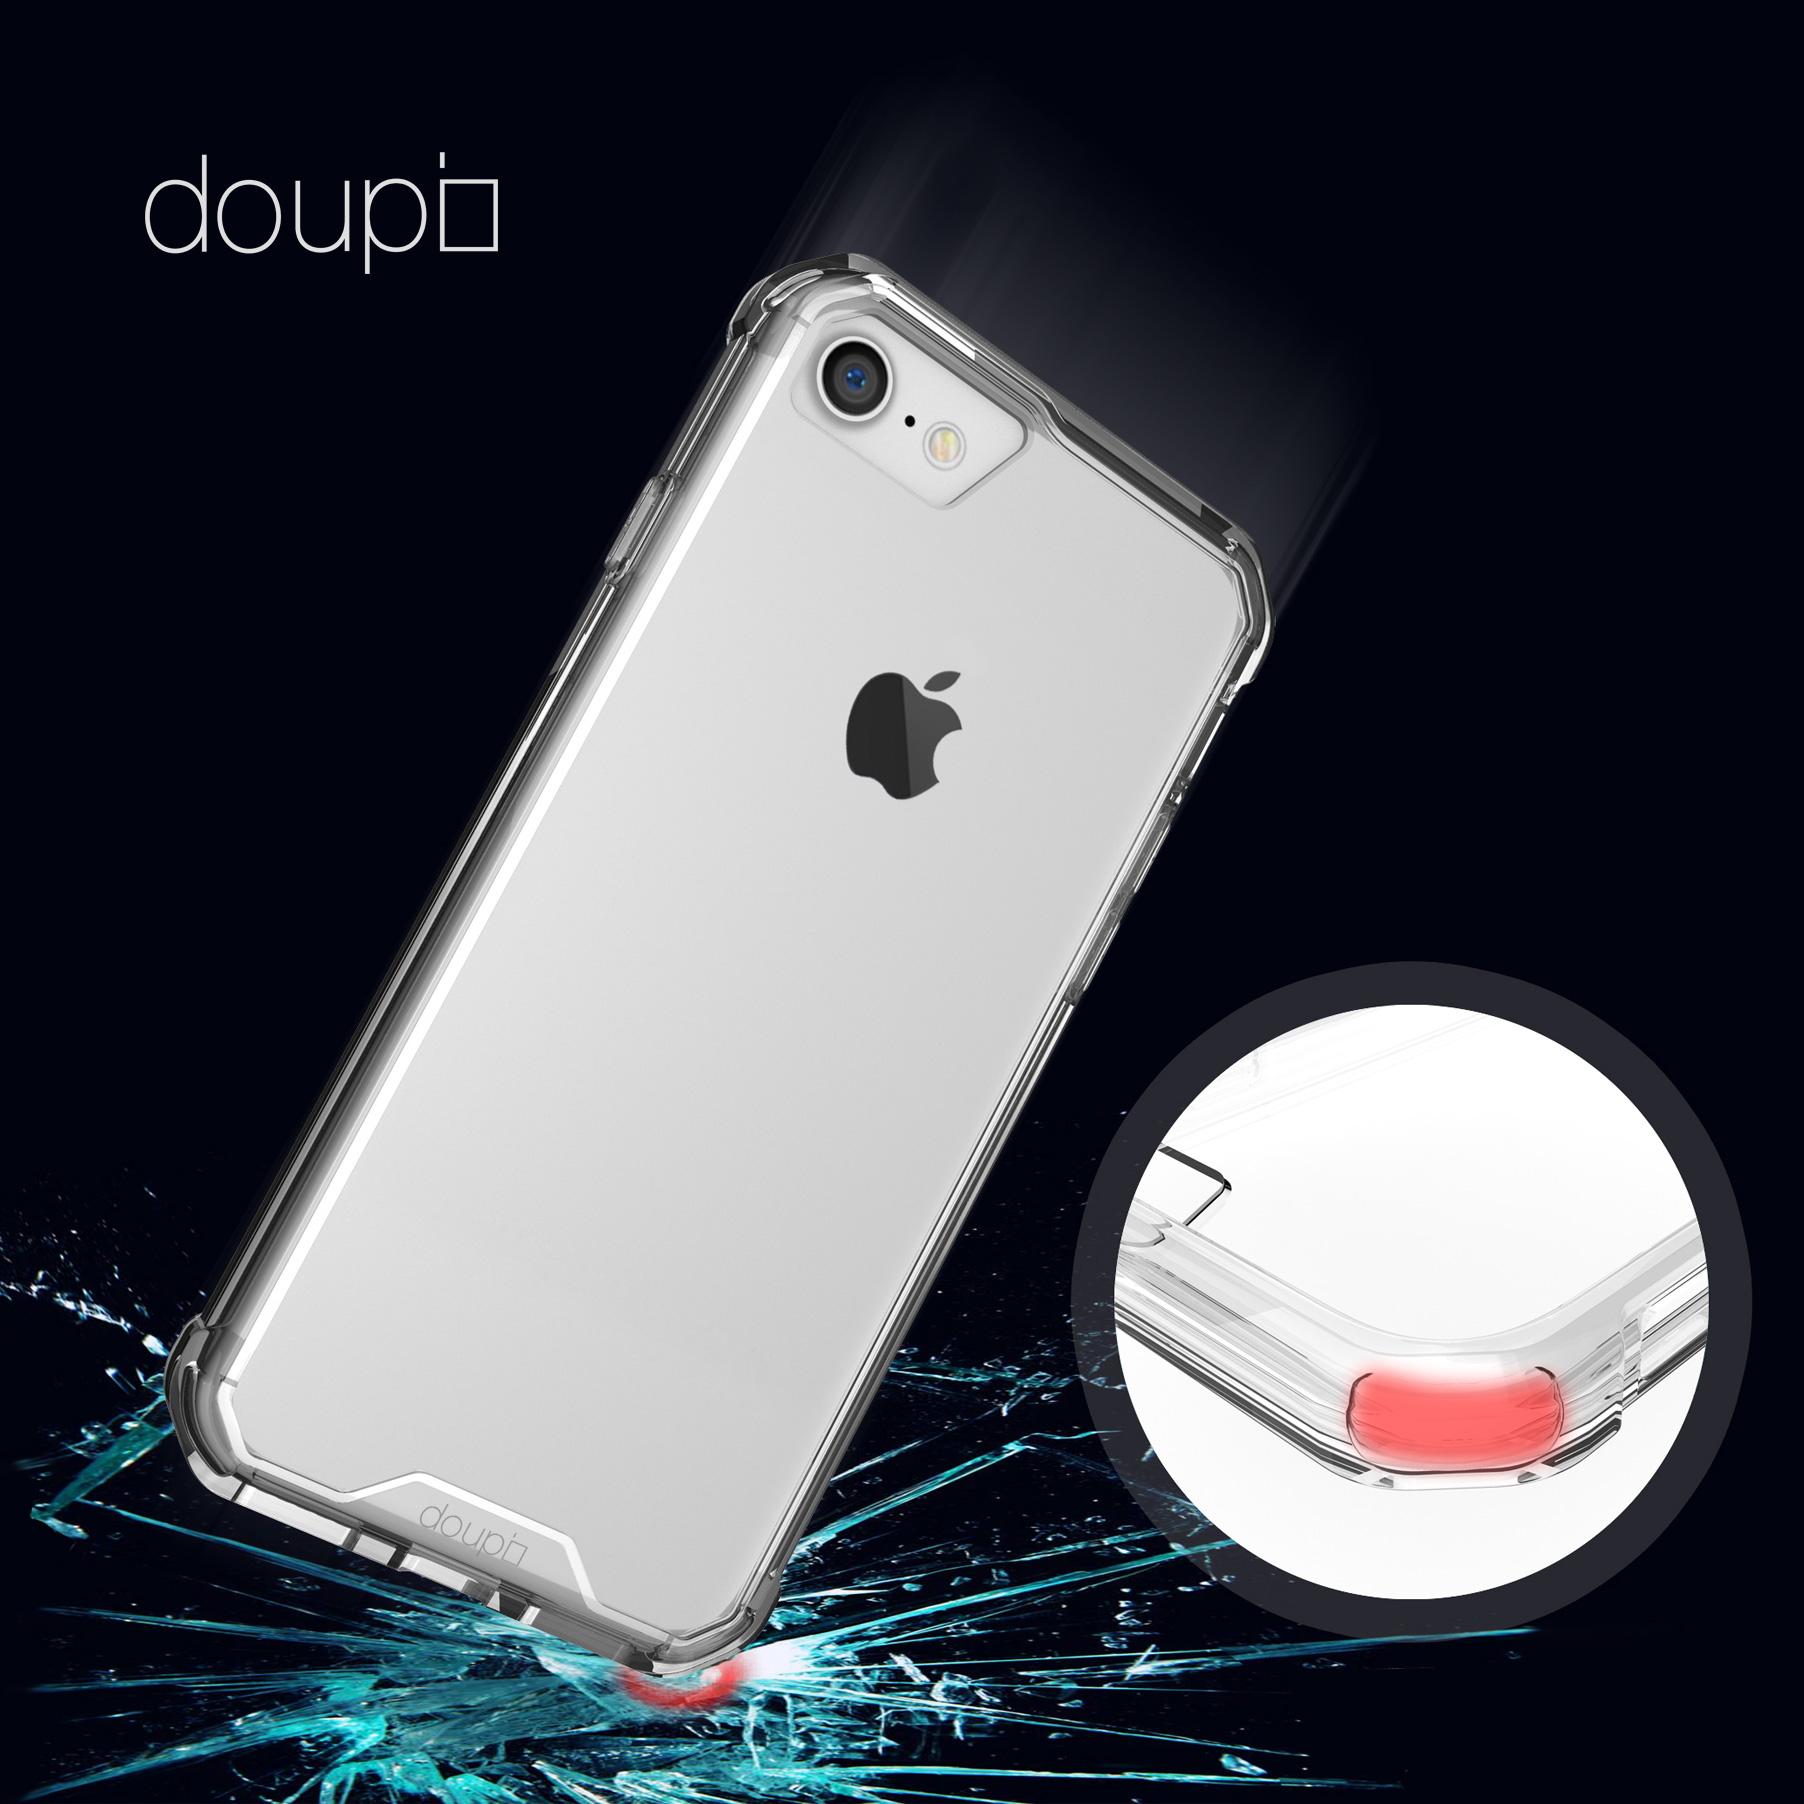 AirClear-Case-iPhone-8-7-4-7-034-Rueckschale-Bumper-Rahmen-Schutz-Huelle-Folie Indexbild 24